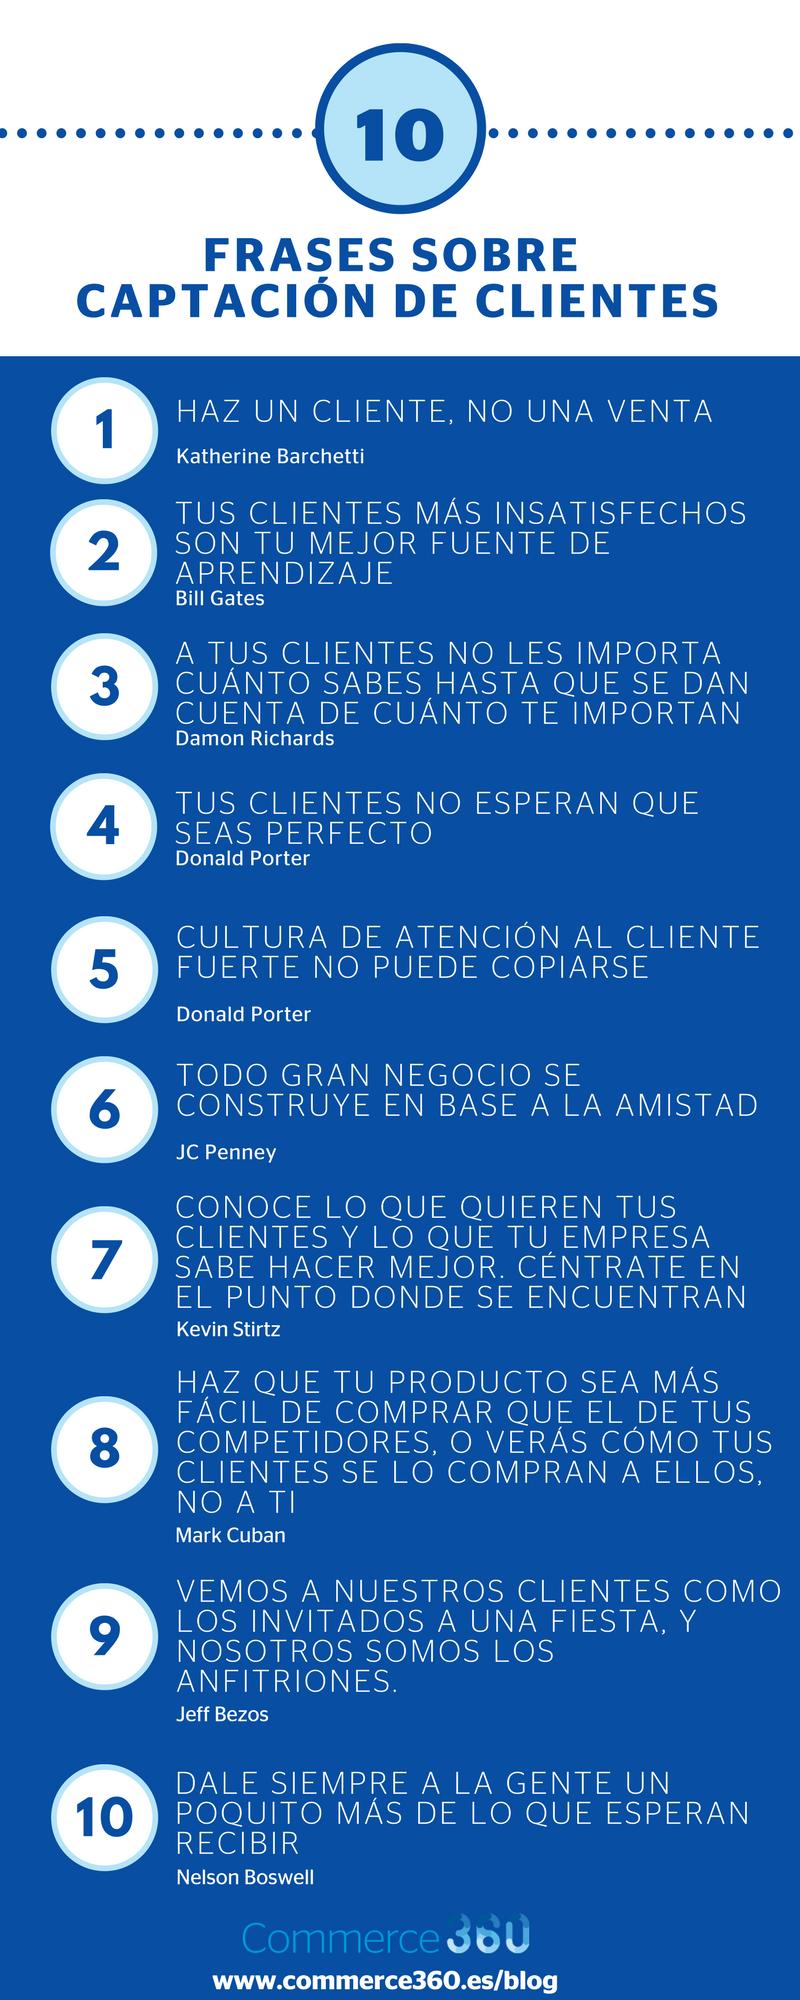 10 frases para captar clientes